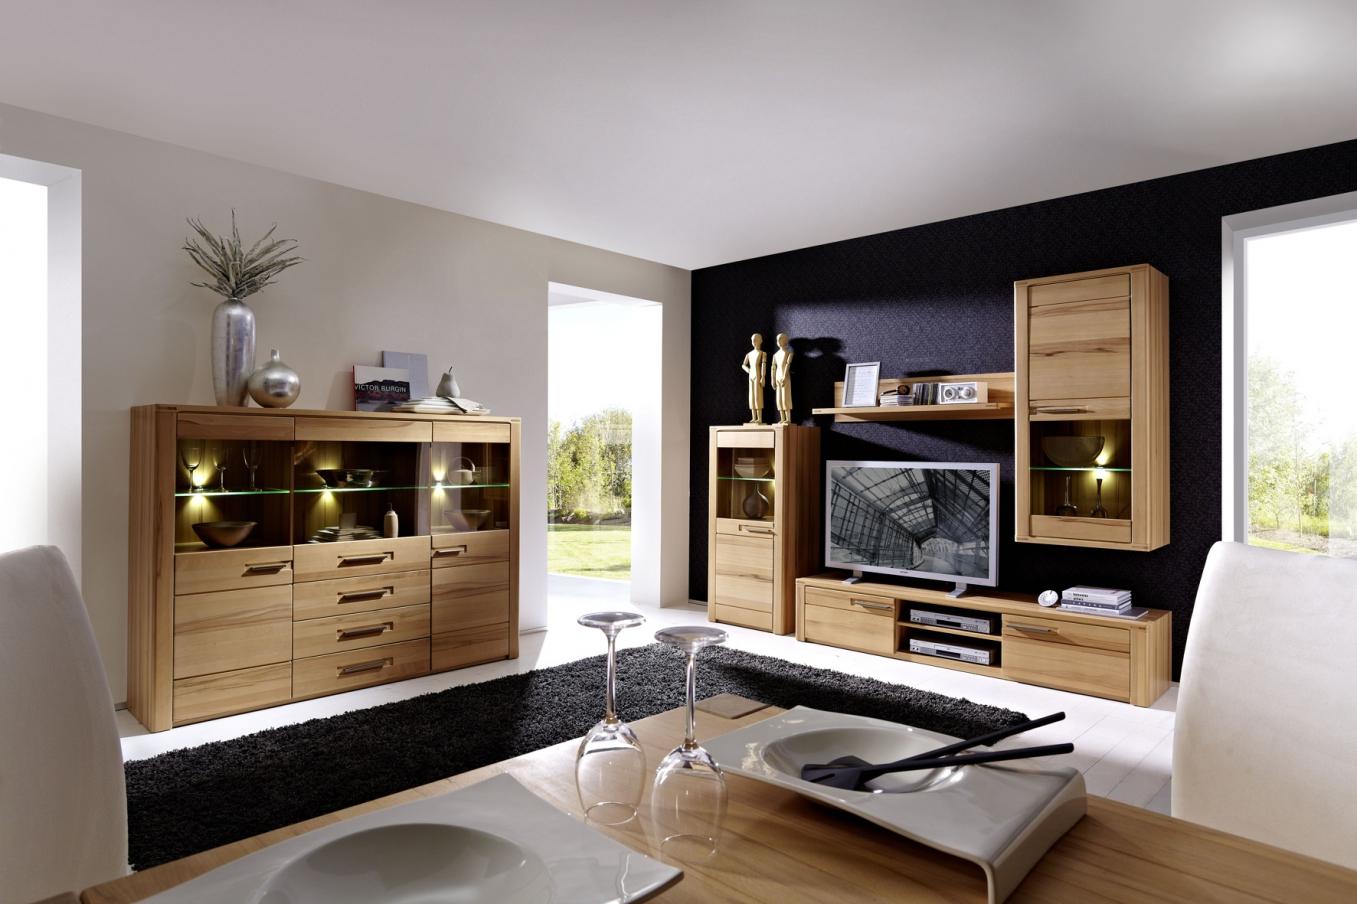 schner wohnen tv mbel cheap cor with schner wohnen tv. Black Bedroom Furniture Sets. Home Design Ideas